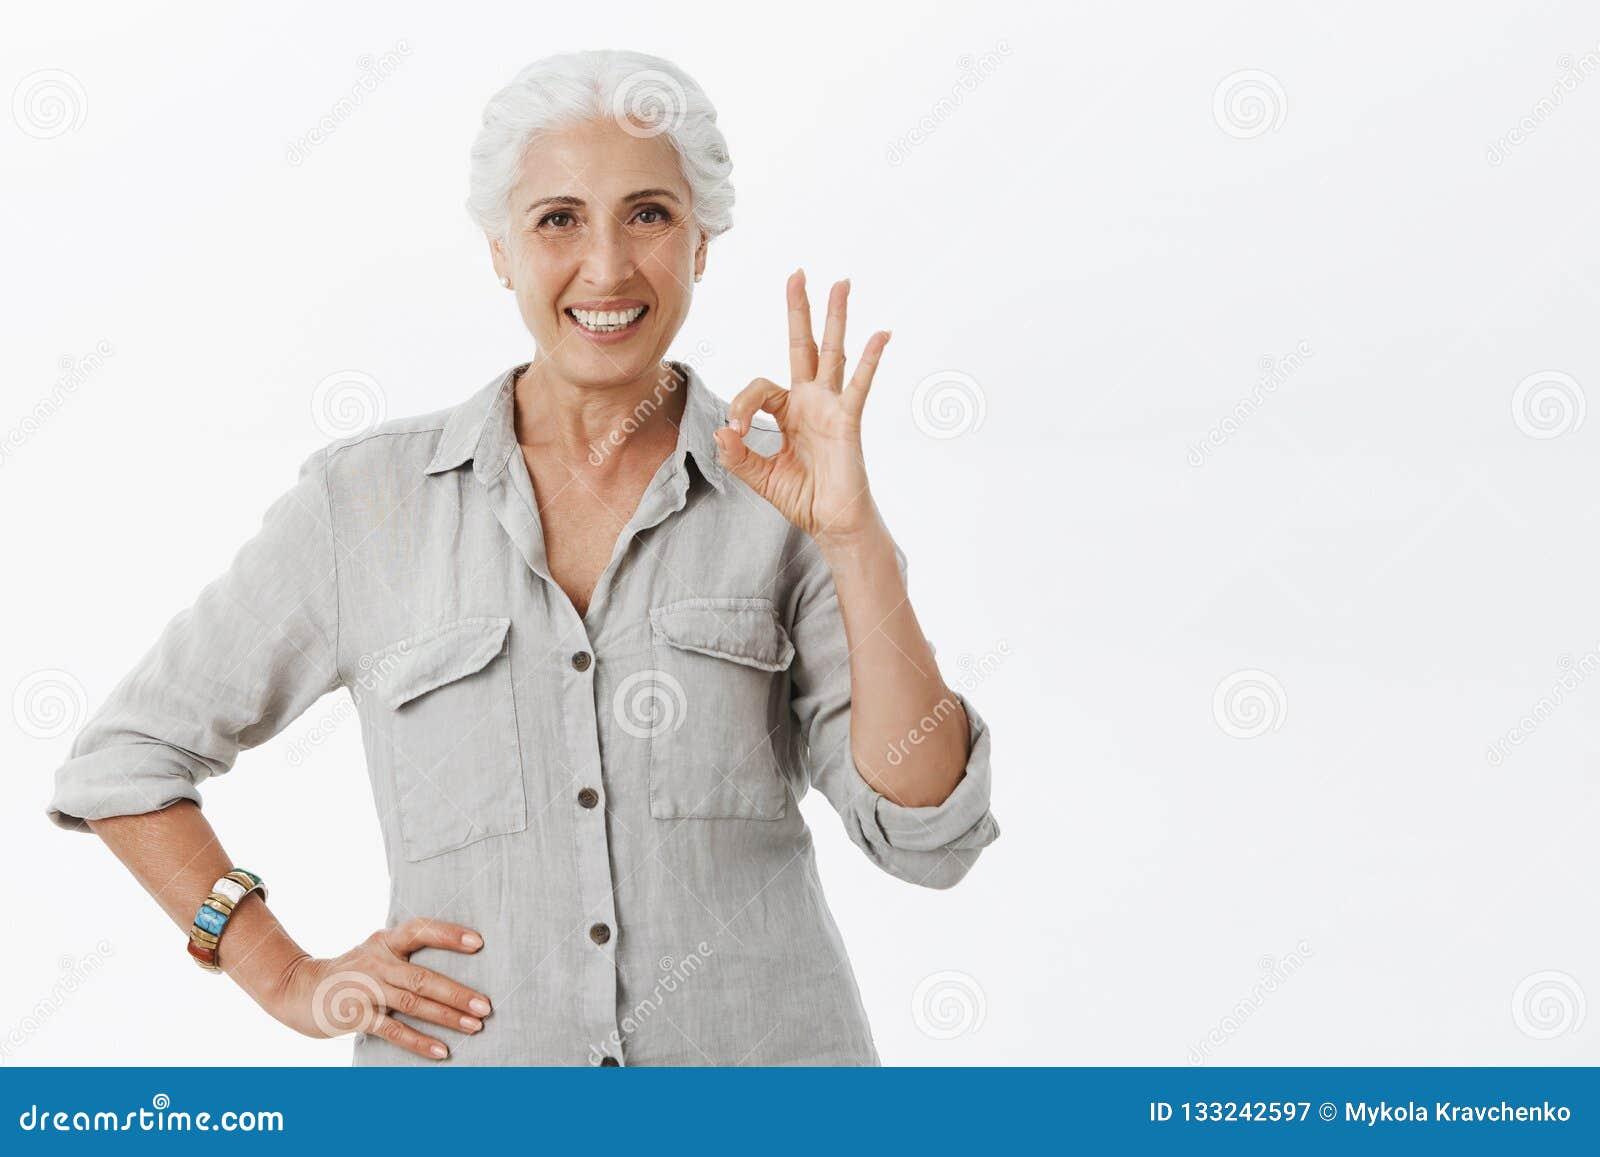 Oude gelukkige dame die haar geld in veilige plaats verzekeren dankzij bank Portret van tevreden zekere en verrukte leuke bejaard